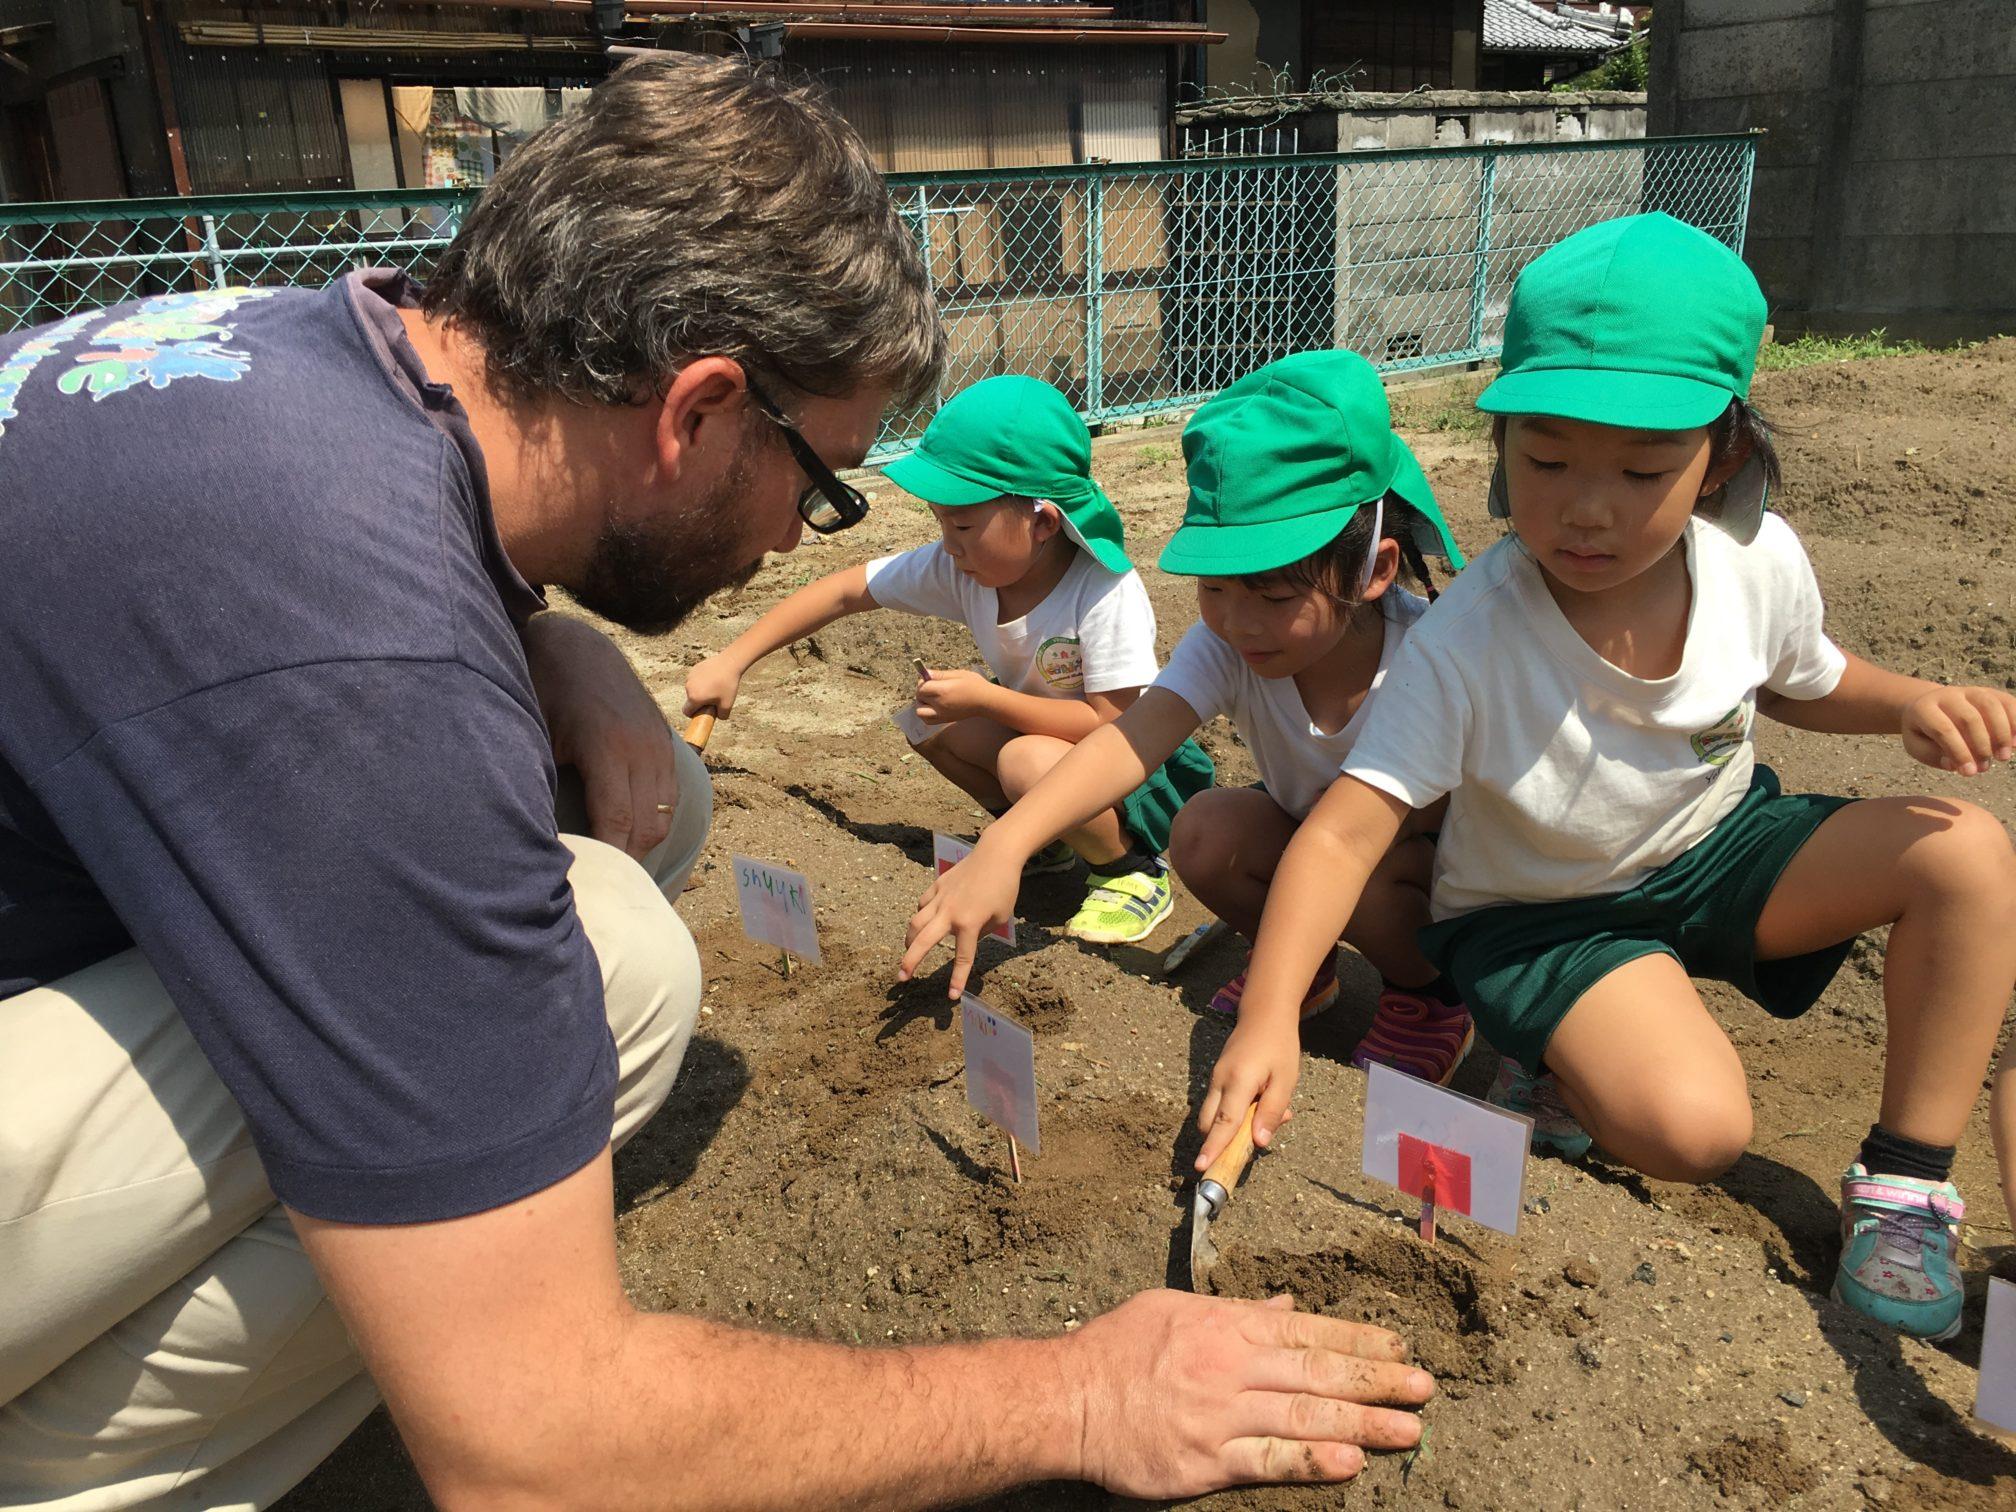 畑 | ラポルトインターナショナルスクール/La Porte International School